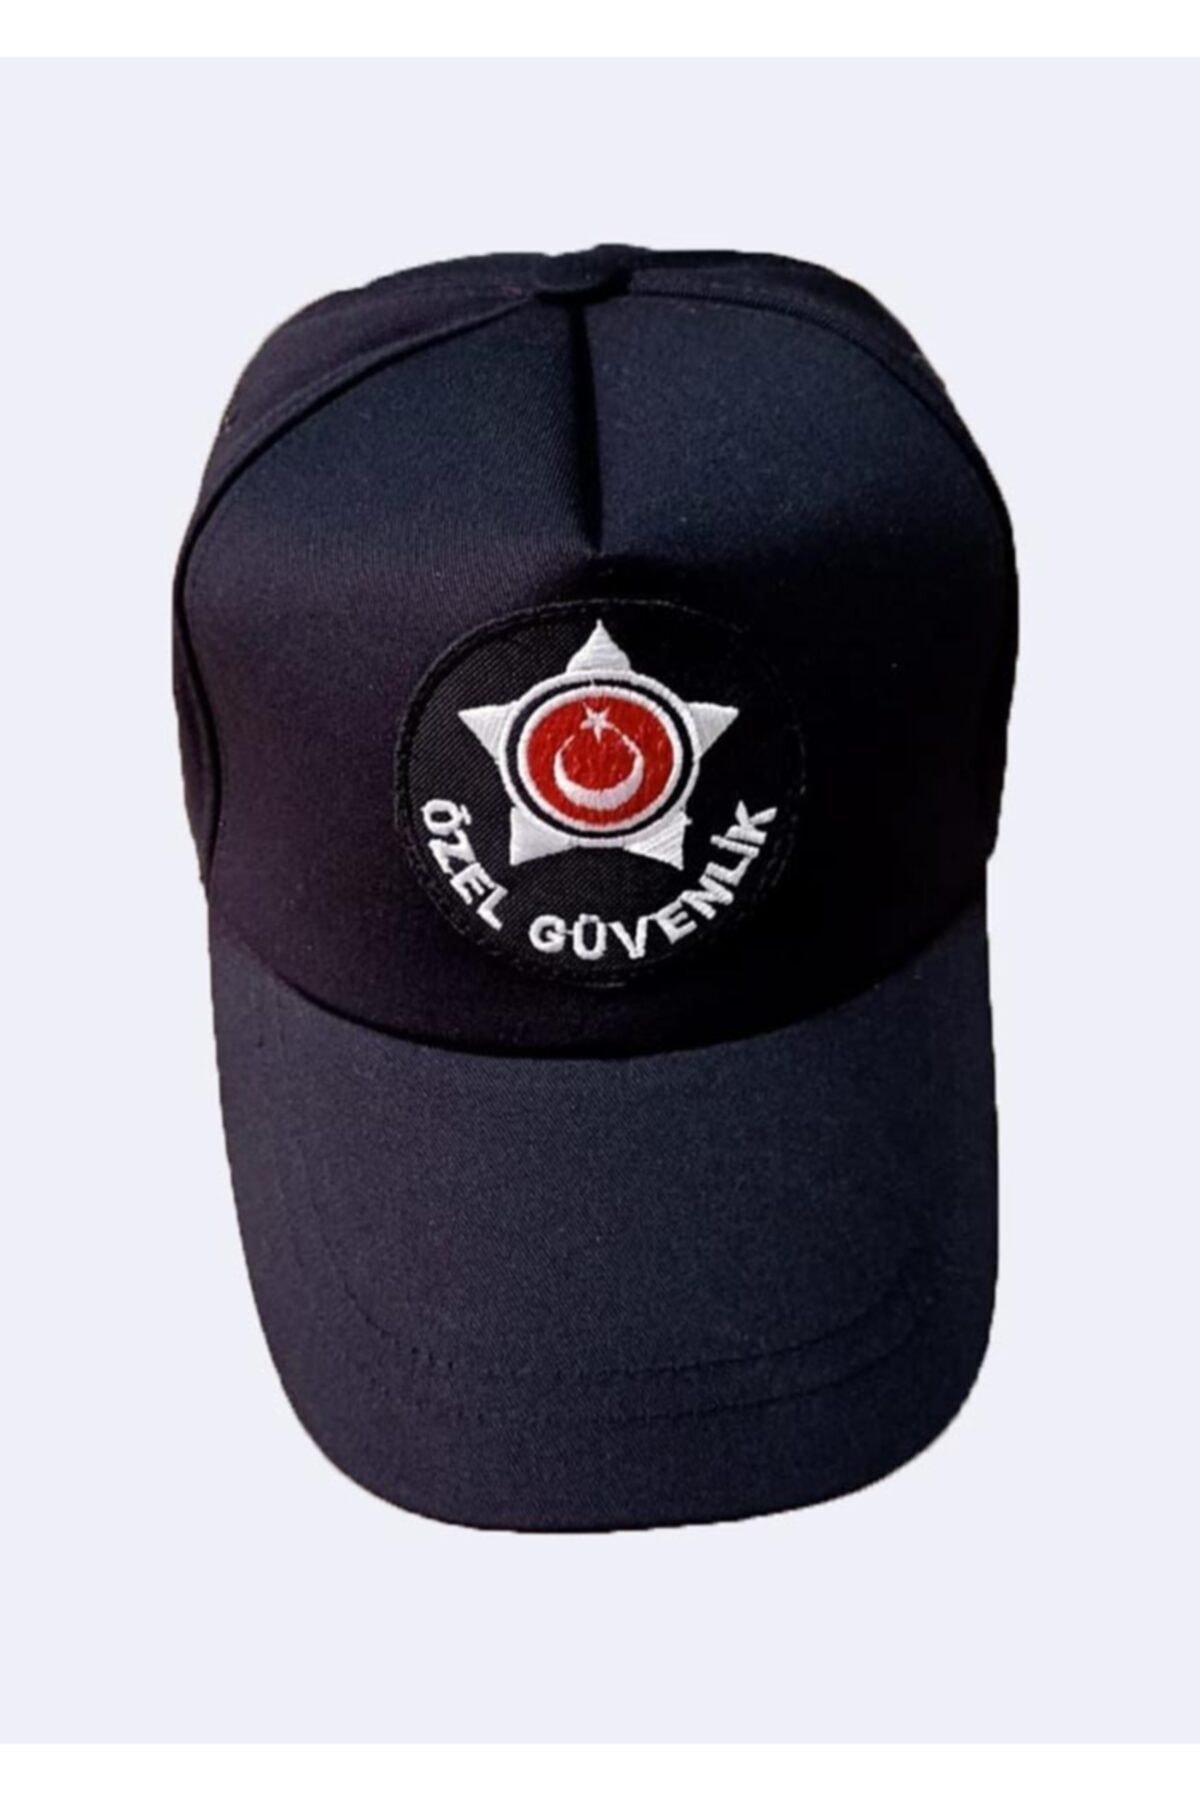 LEADER TRADE Özel Güvenlik Şapkası Yeni Model Kışlık 2